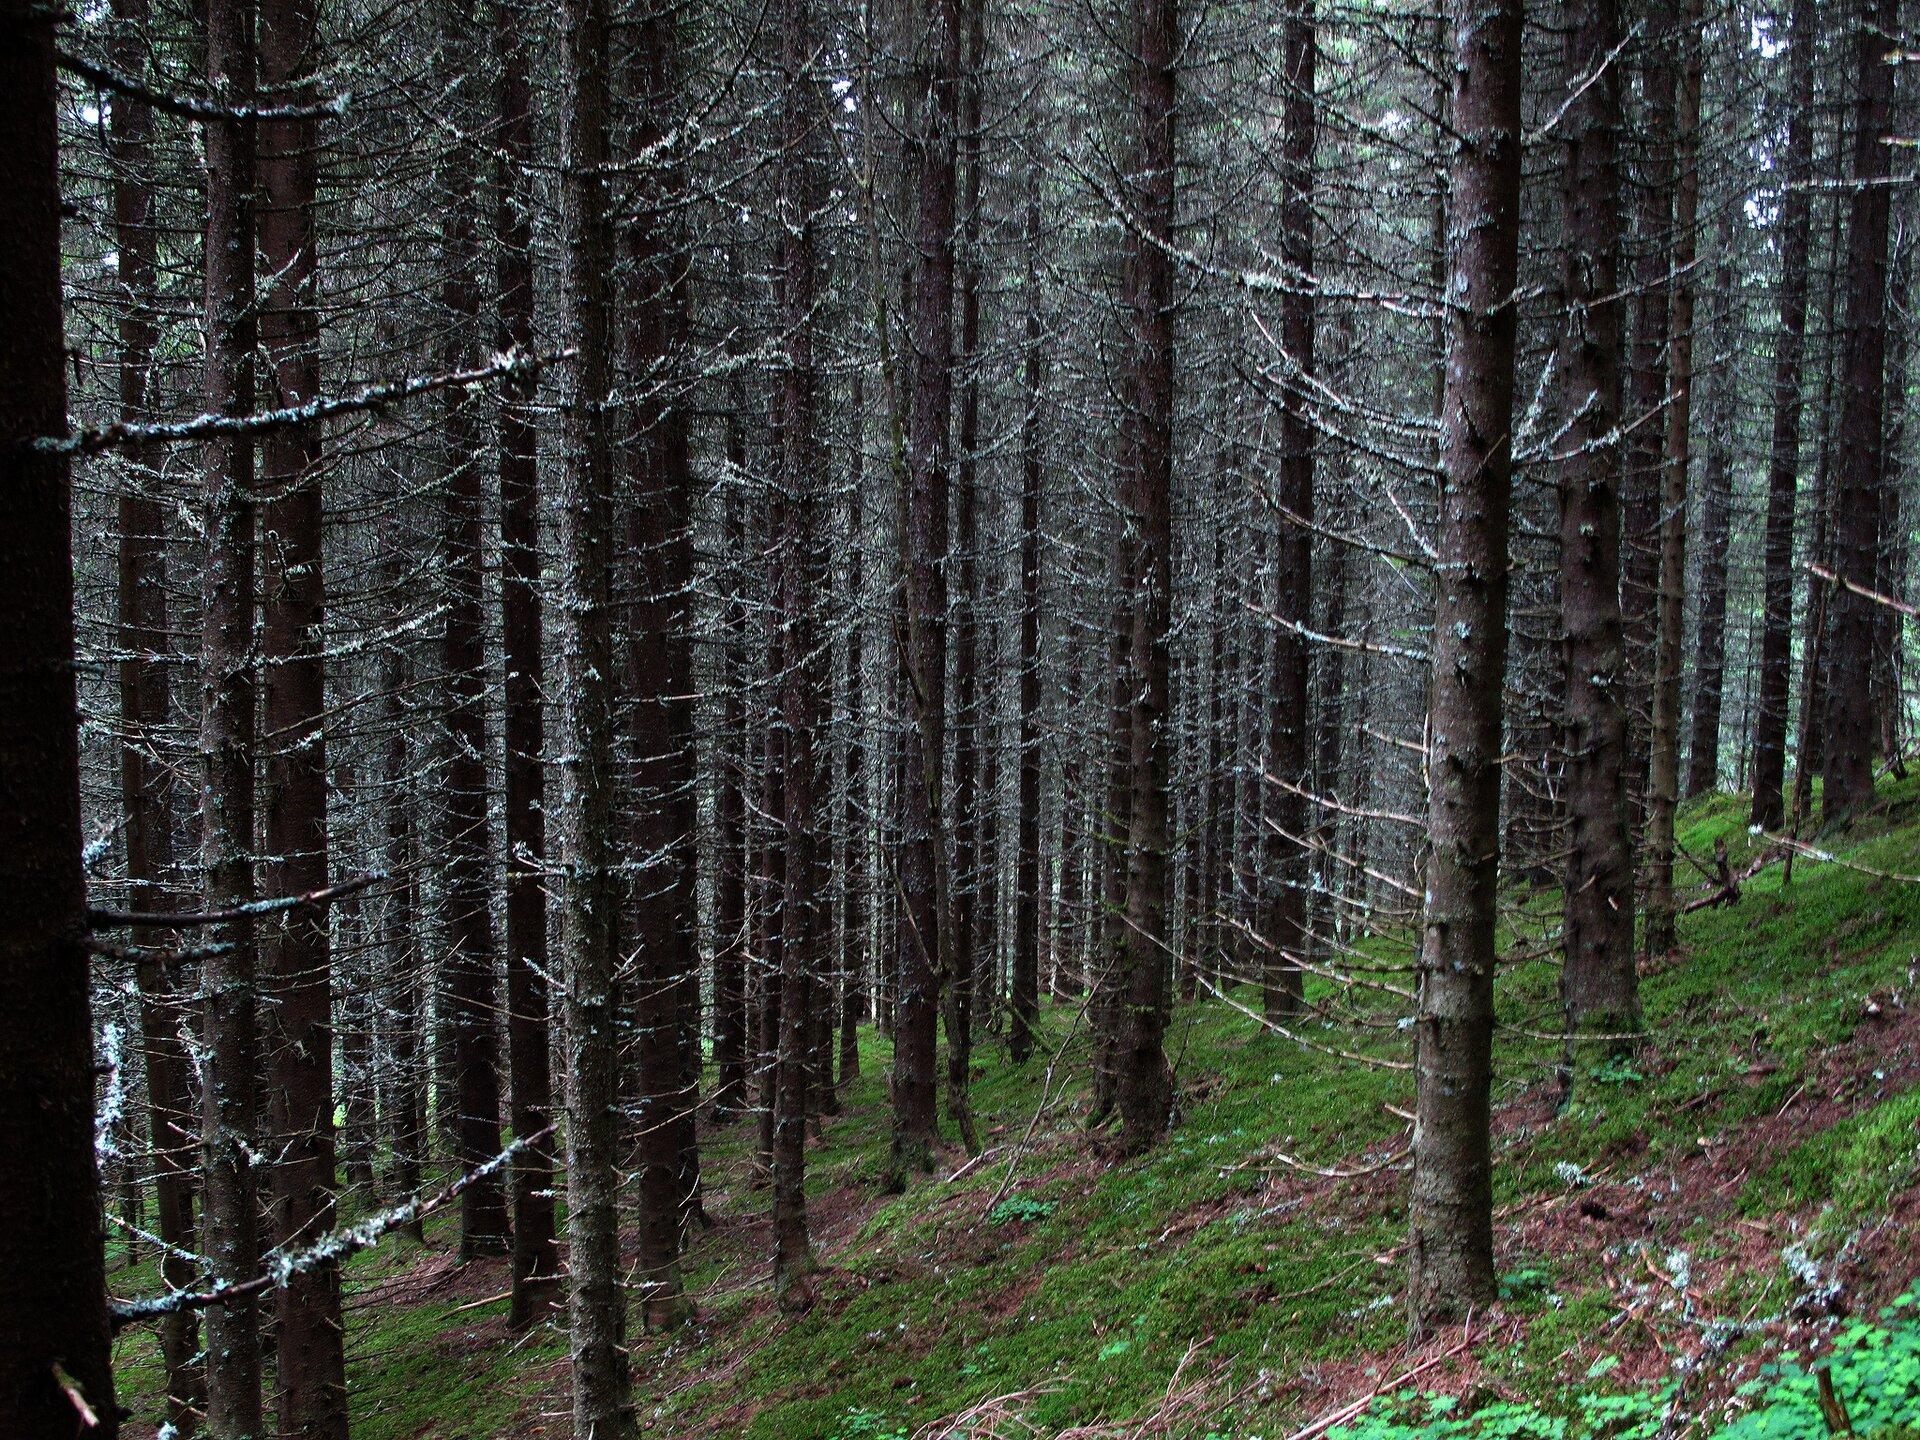 Fotografia przedstawia wnętrze boru świerkowego. Pnie ociemnej korze ilicznych suchych gałęziach stoją gęsto. Do dna lasu dociera niewiele światła, więc rosną nieliczne rośliny.